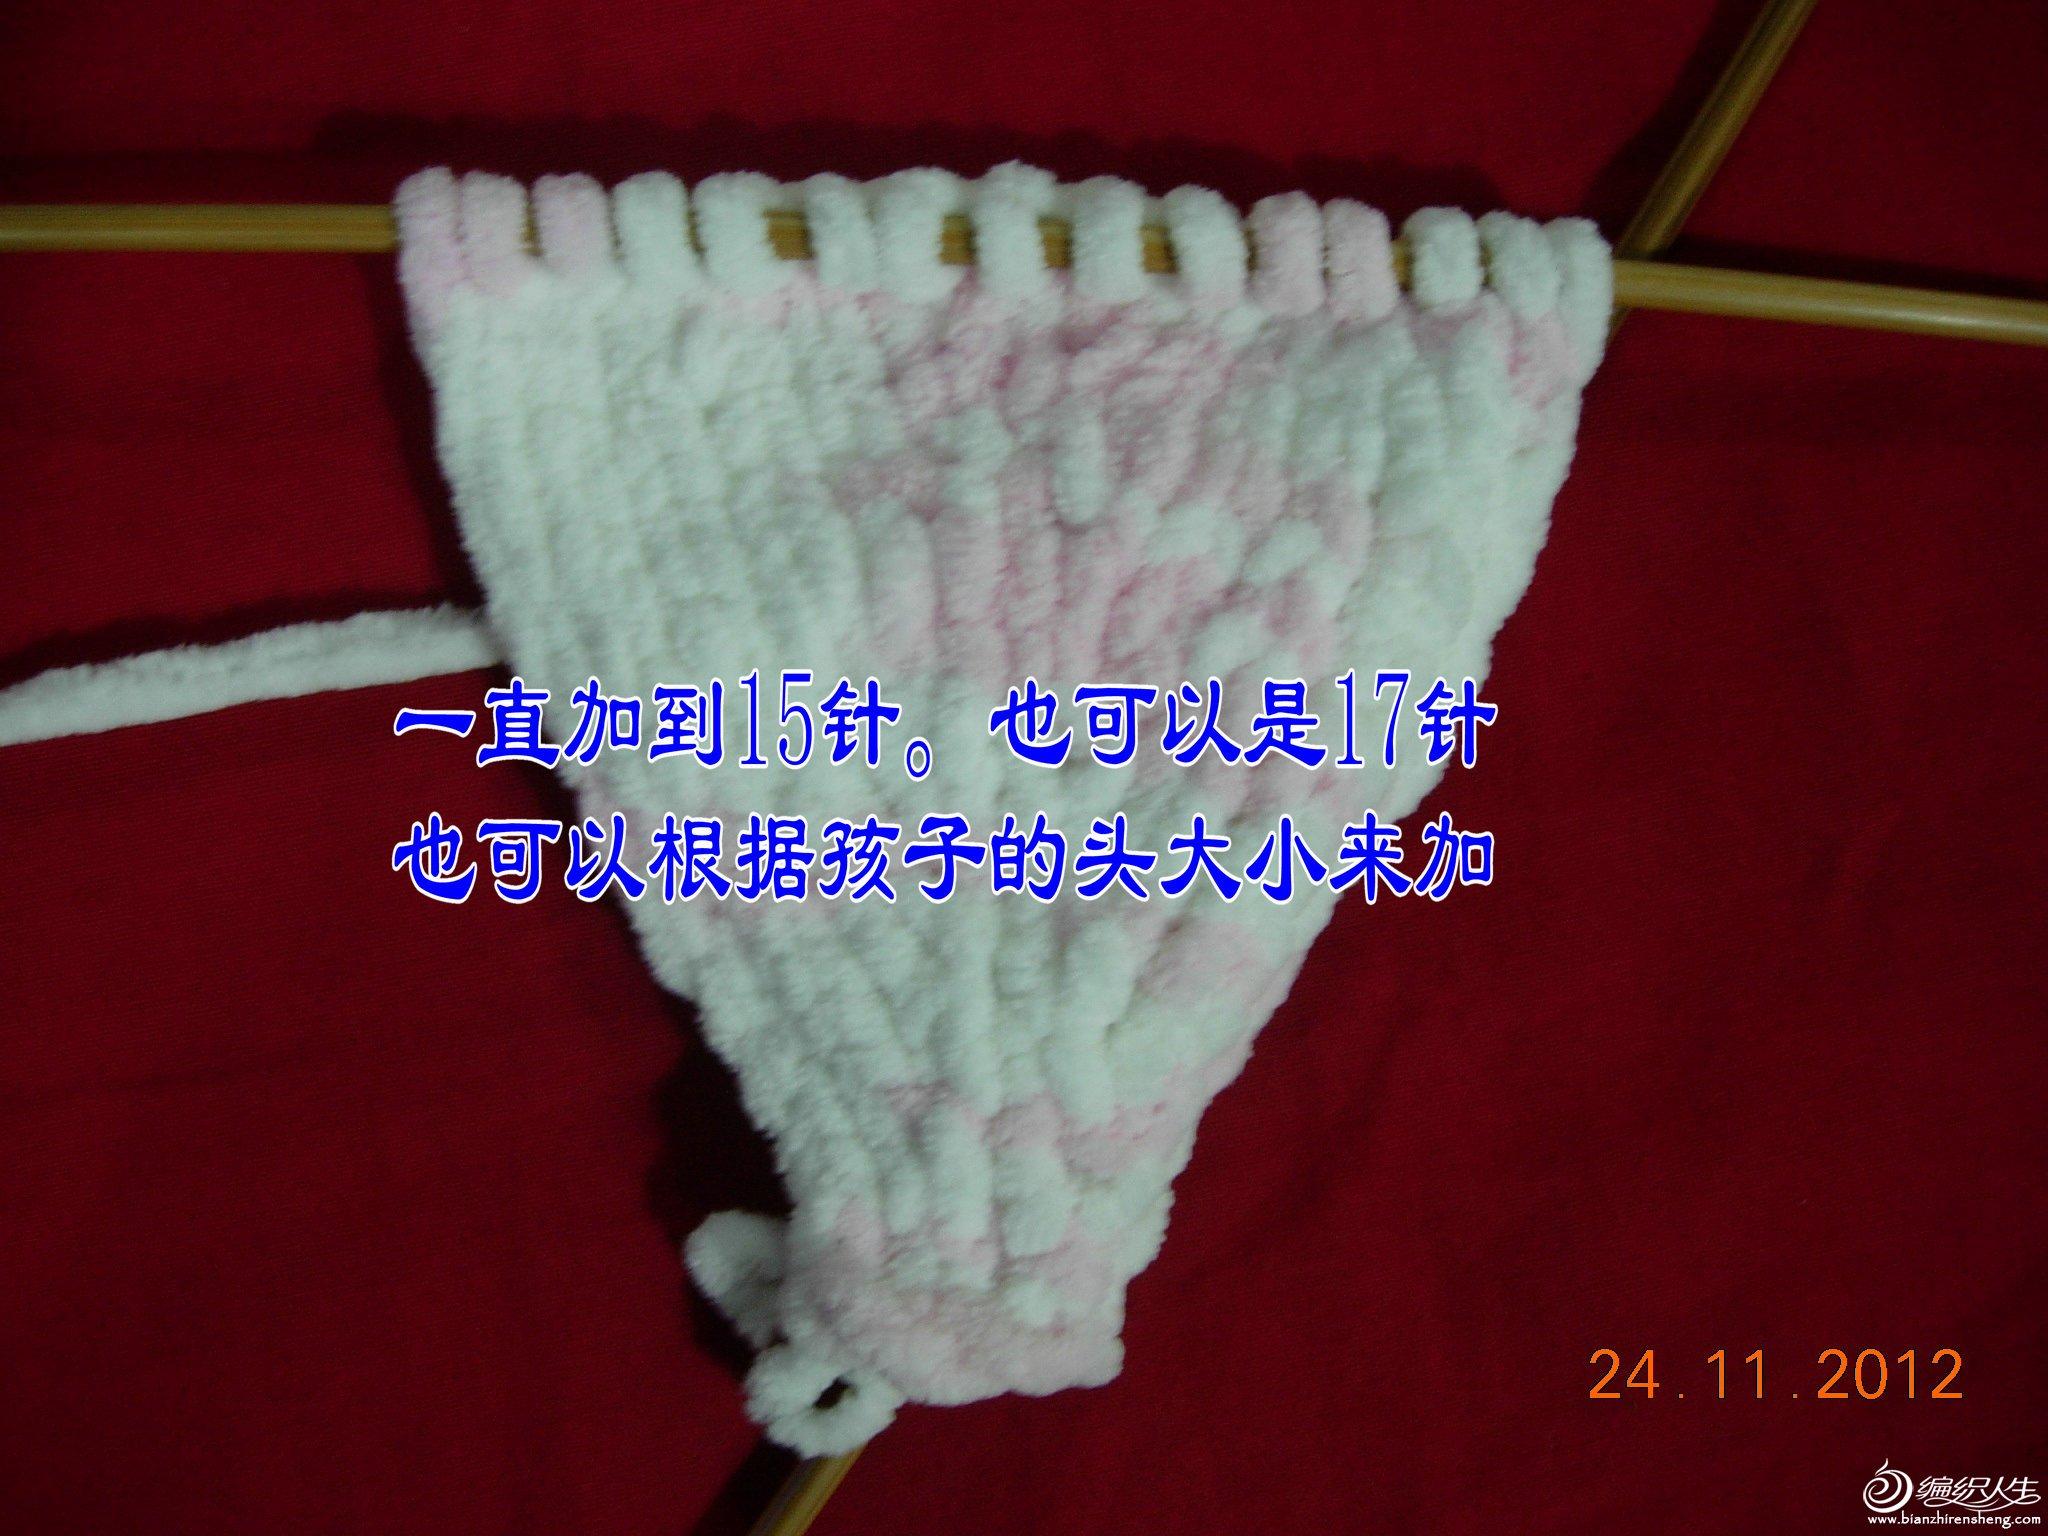 DSCN9807_副本1.JPG